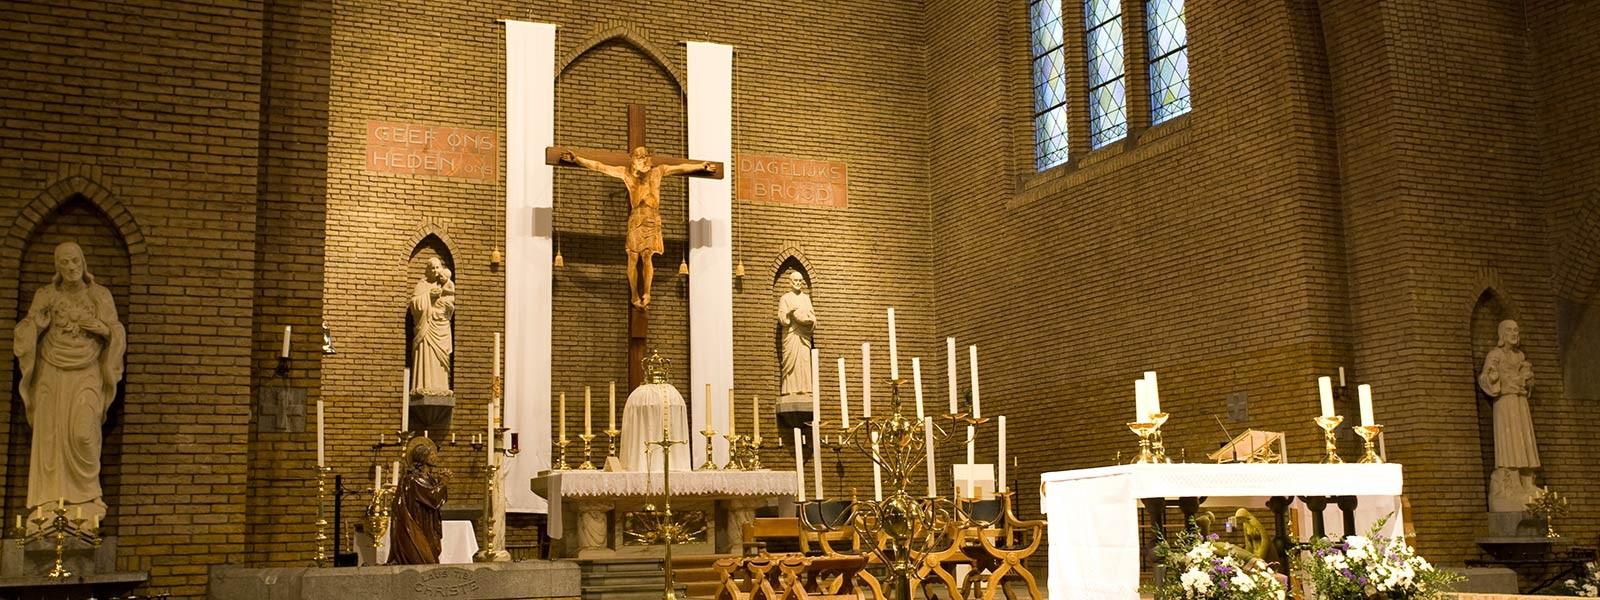 Heilige Familiekerk, Venlo